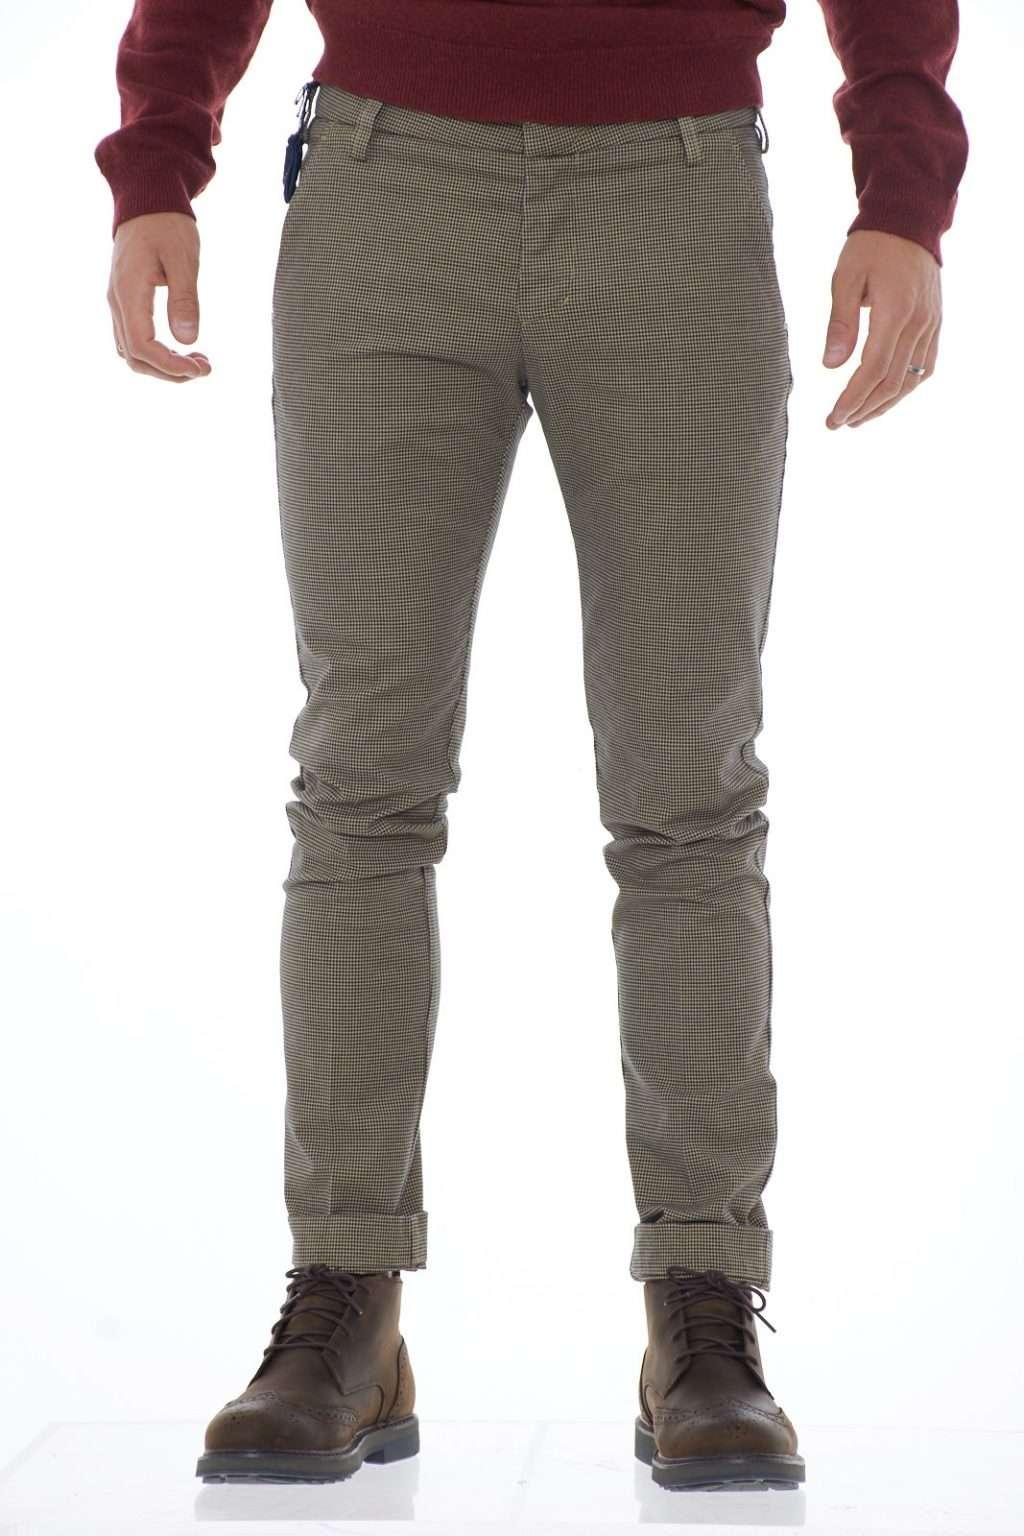 https://www.parmax.com/media/catalog/product/a/i/ai-outlet_parmax-pantaloni-uomo-entre-amis-a1982011536l17-a.jpg